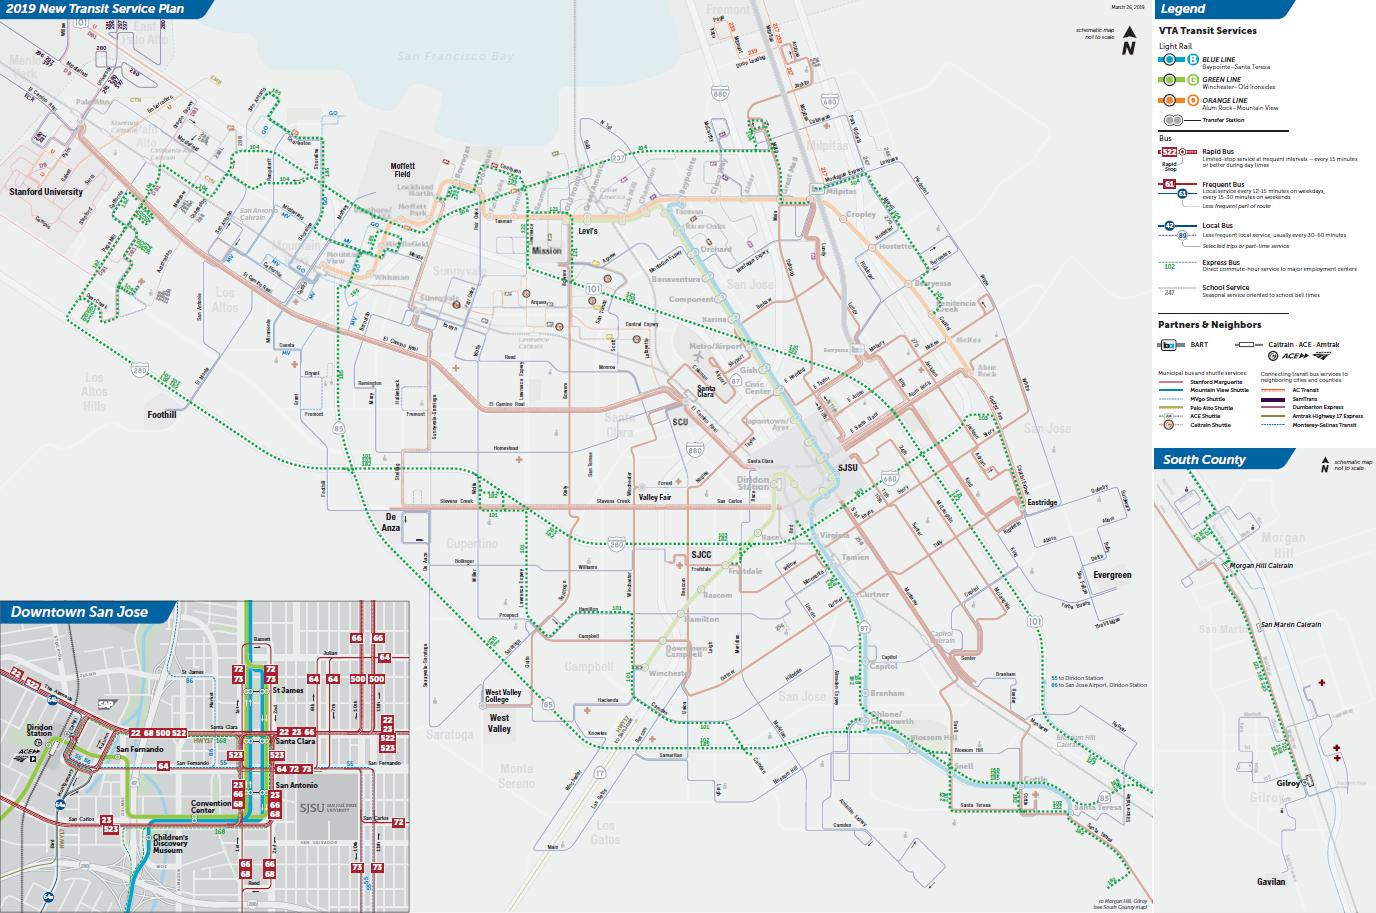 Mapa de rutas express del Nuevo Plan de Servicio de Transporte Público de 2019 definitivo  (PDF)